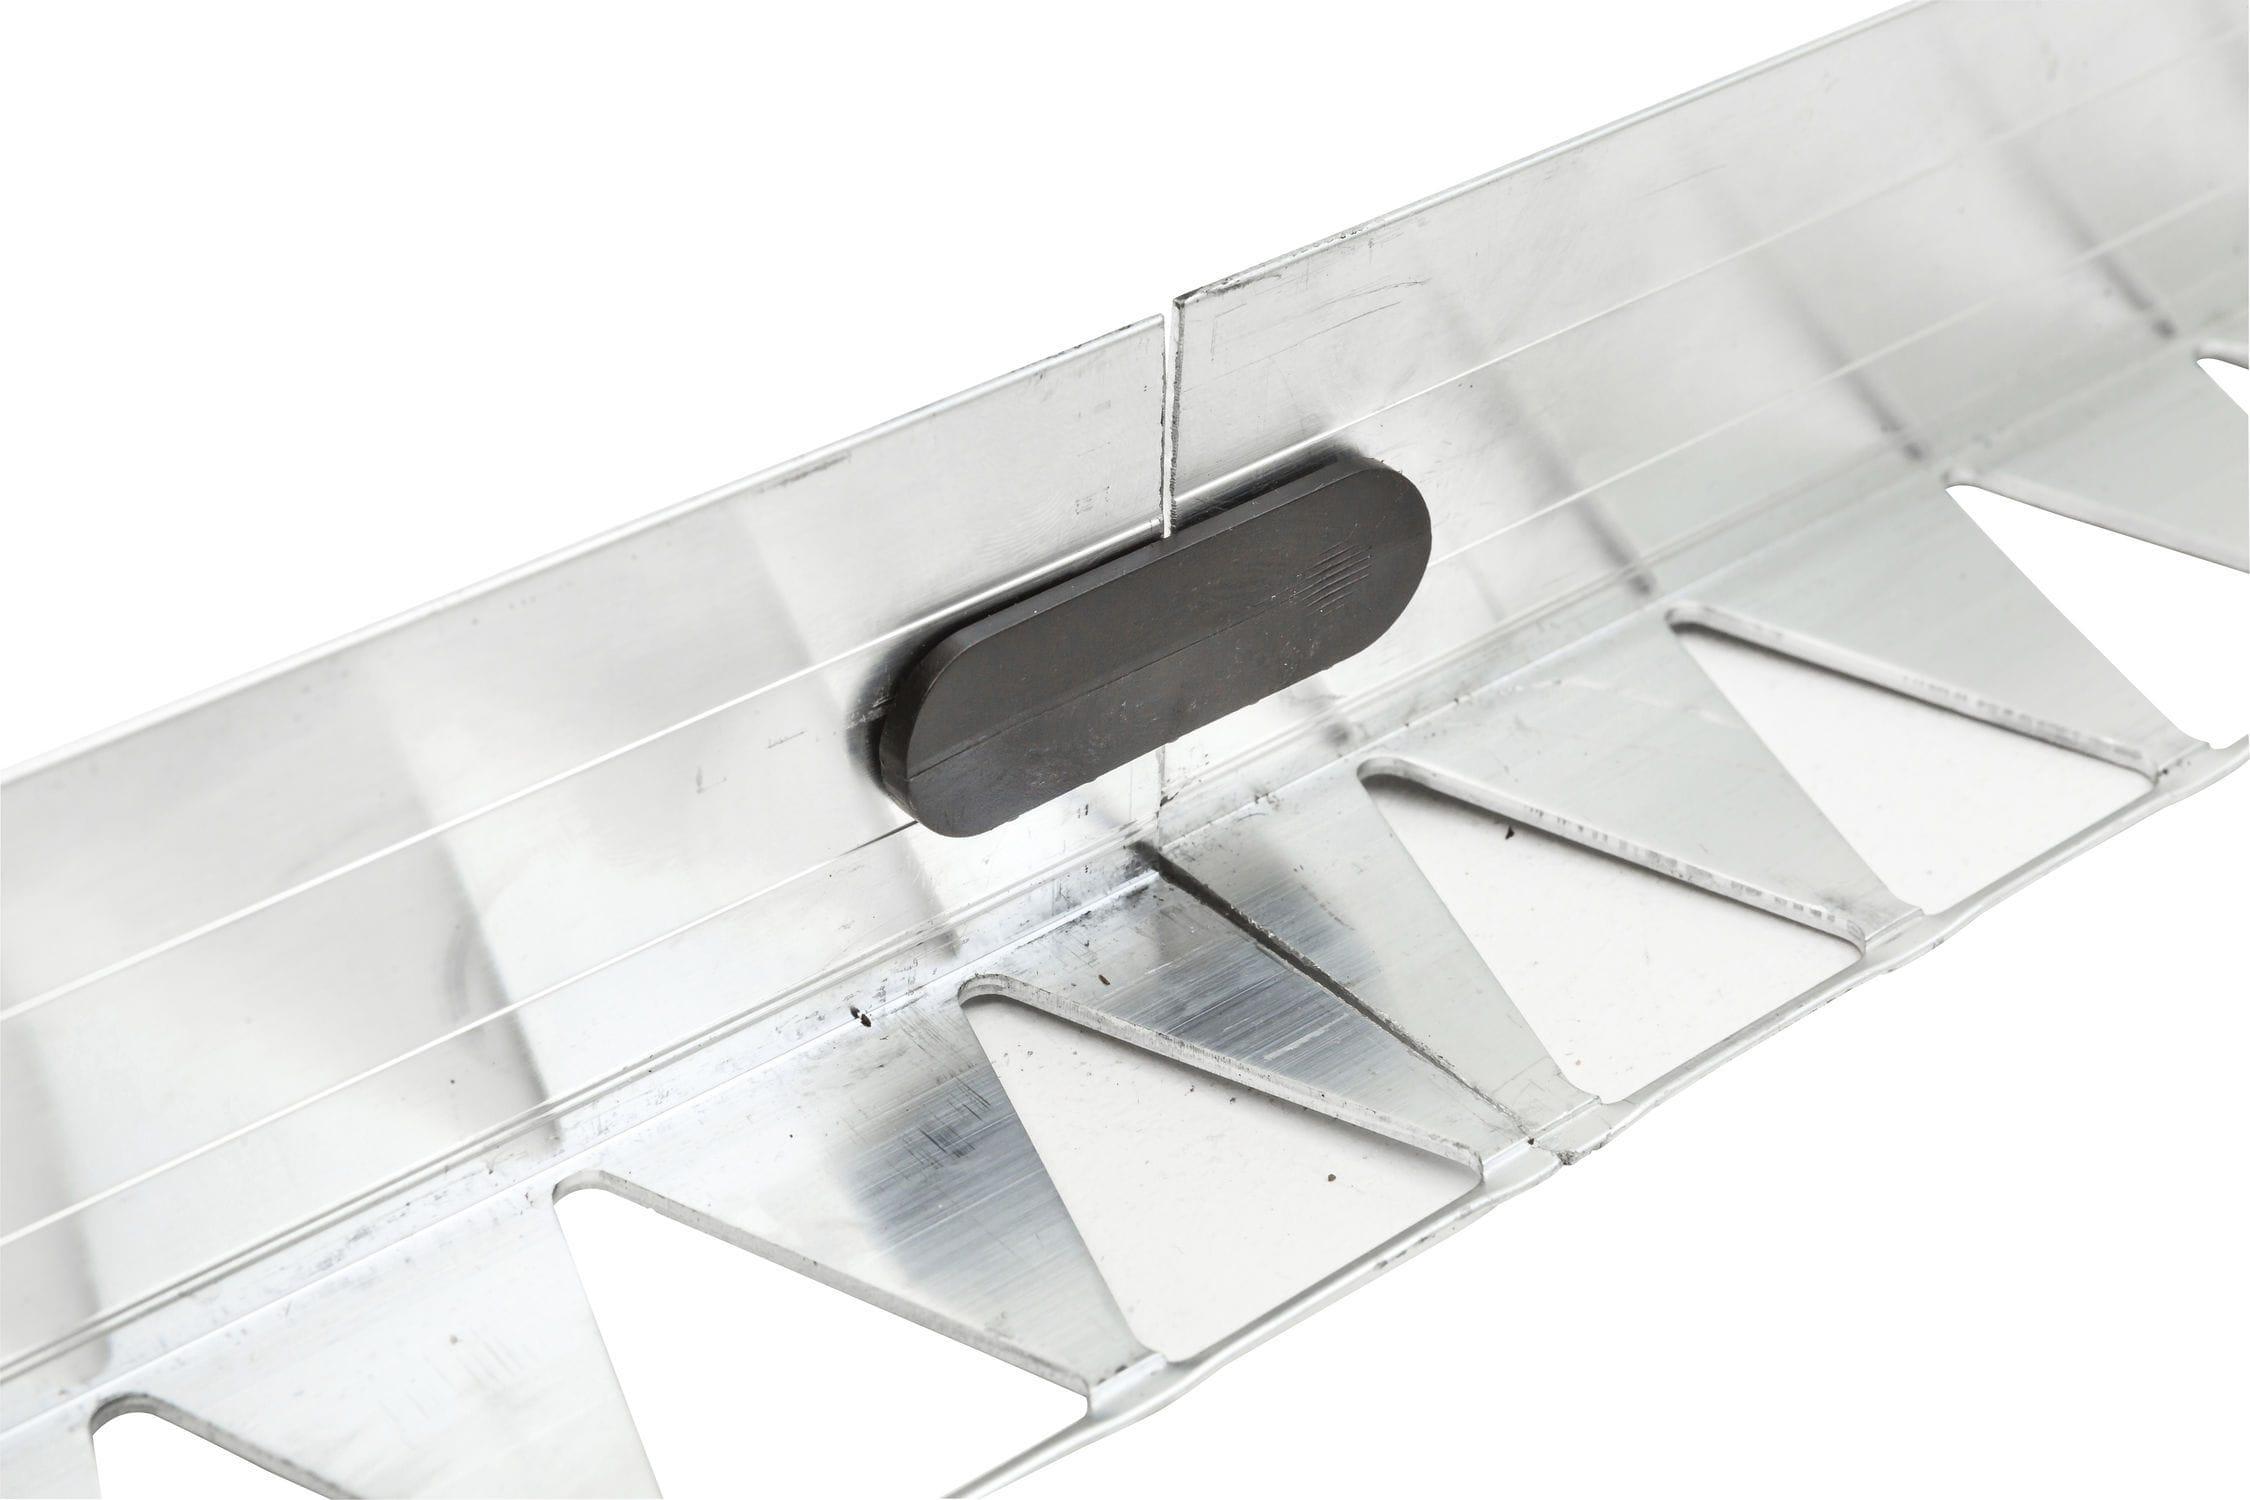 Bordurette De Jardin / Pour Aire De Jeux / En Aluminium / Droite dedans Bordure Aluminium Jardin